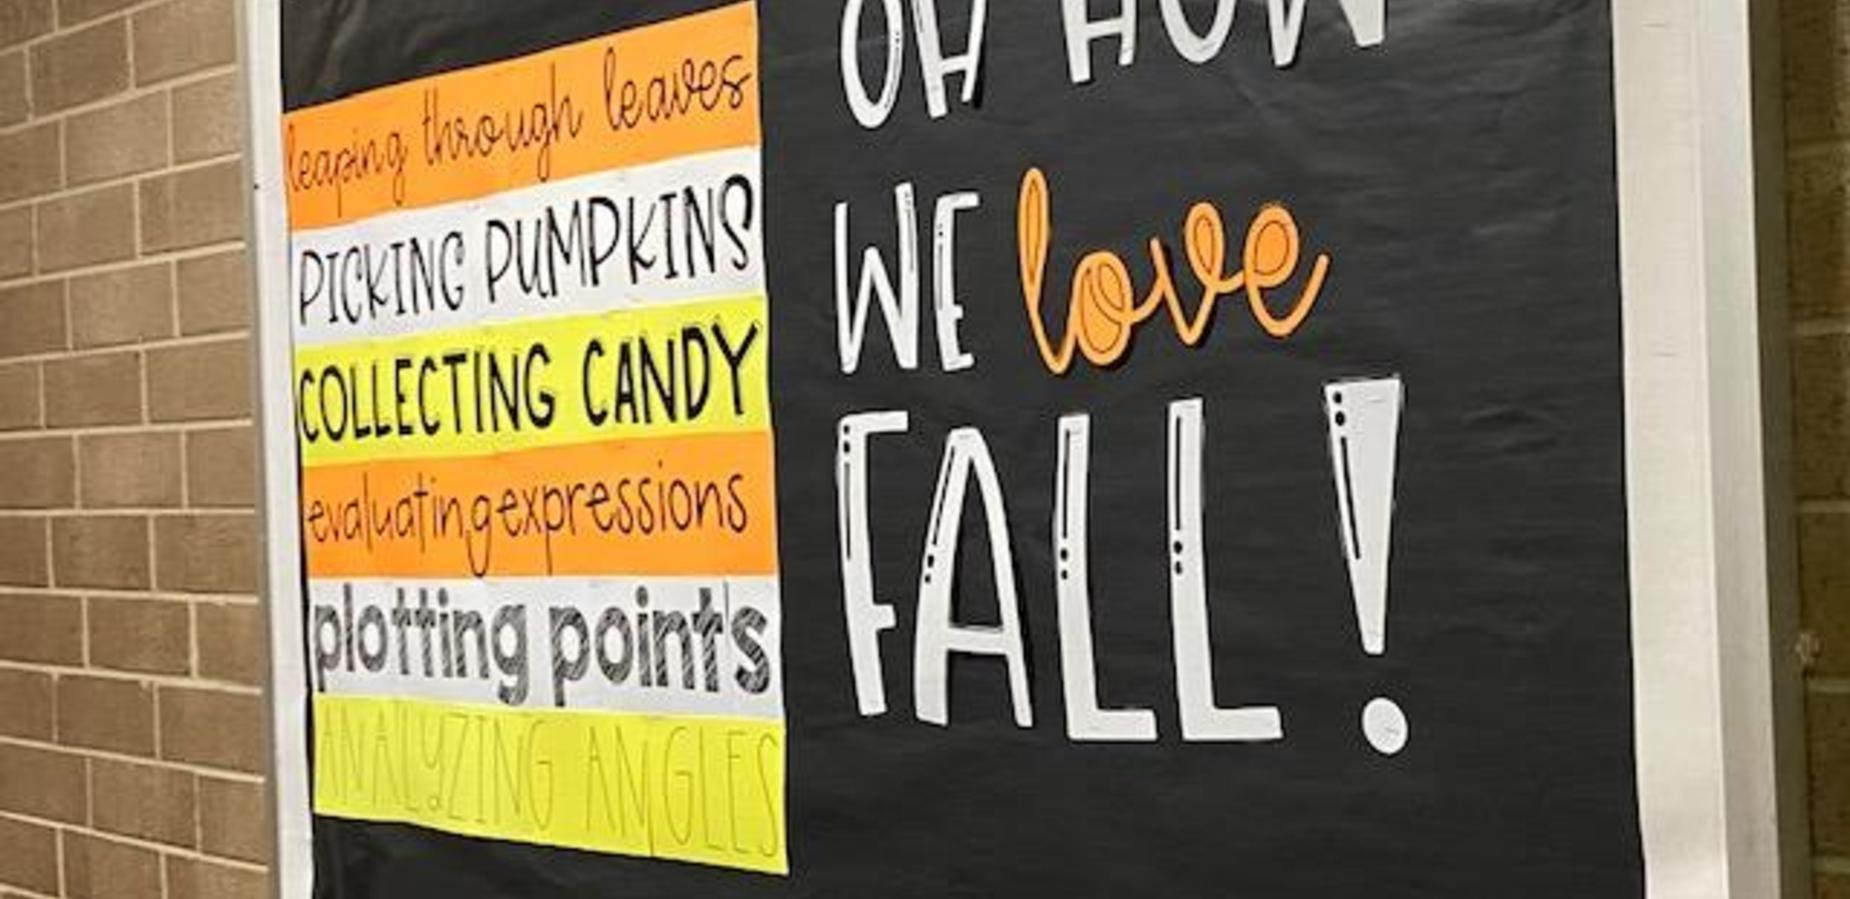 We love fall Bulletin Board!